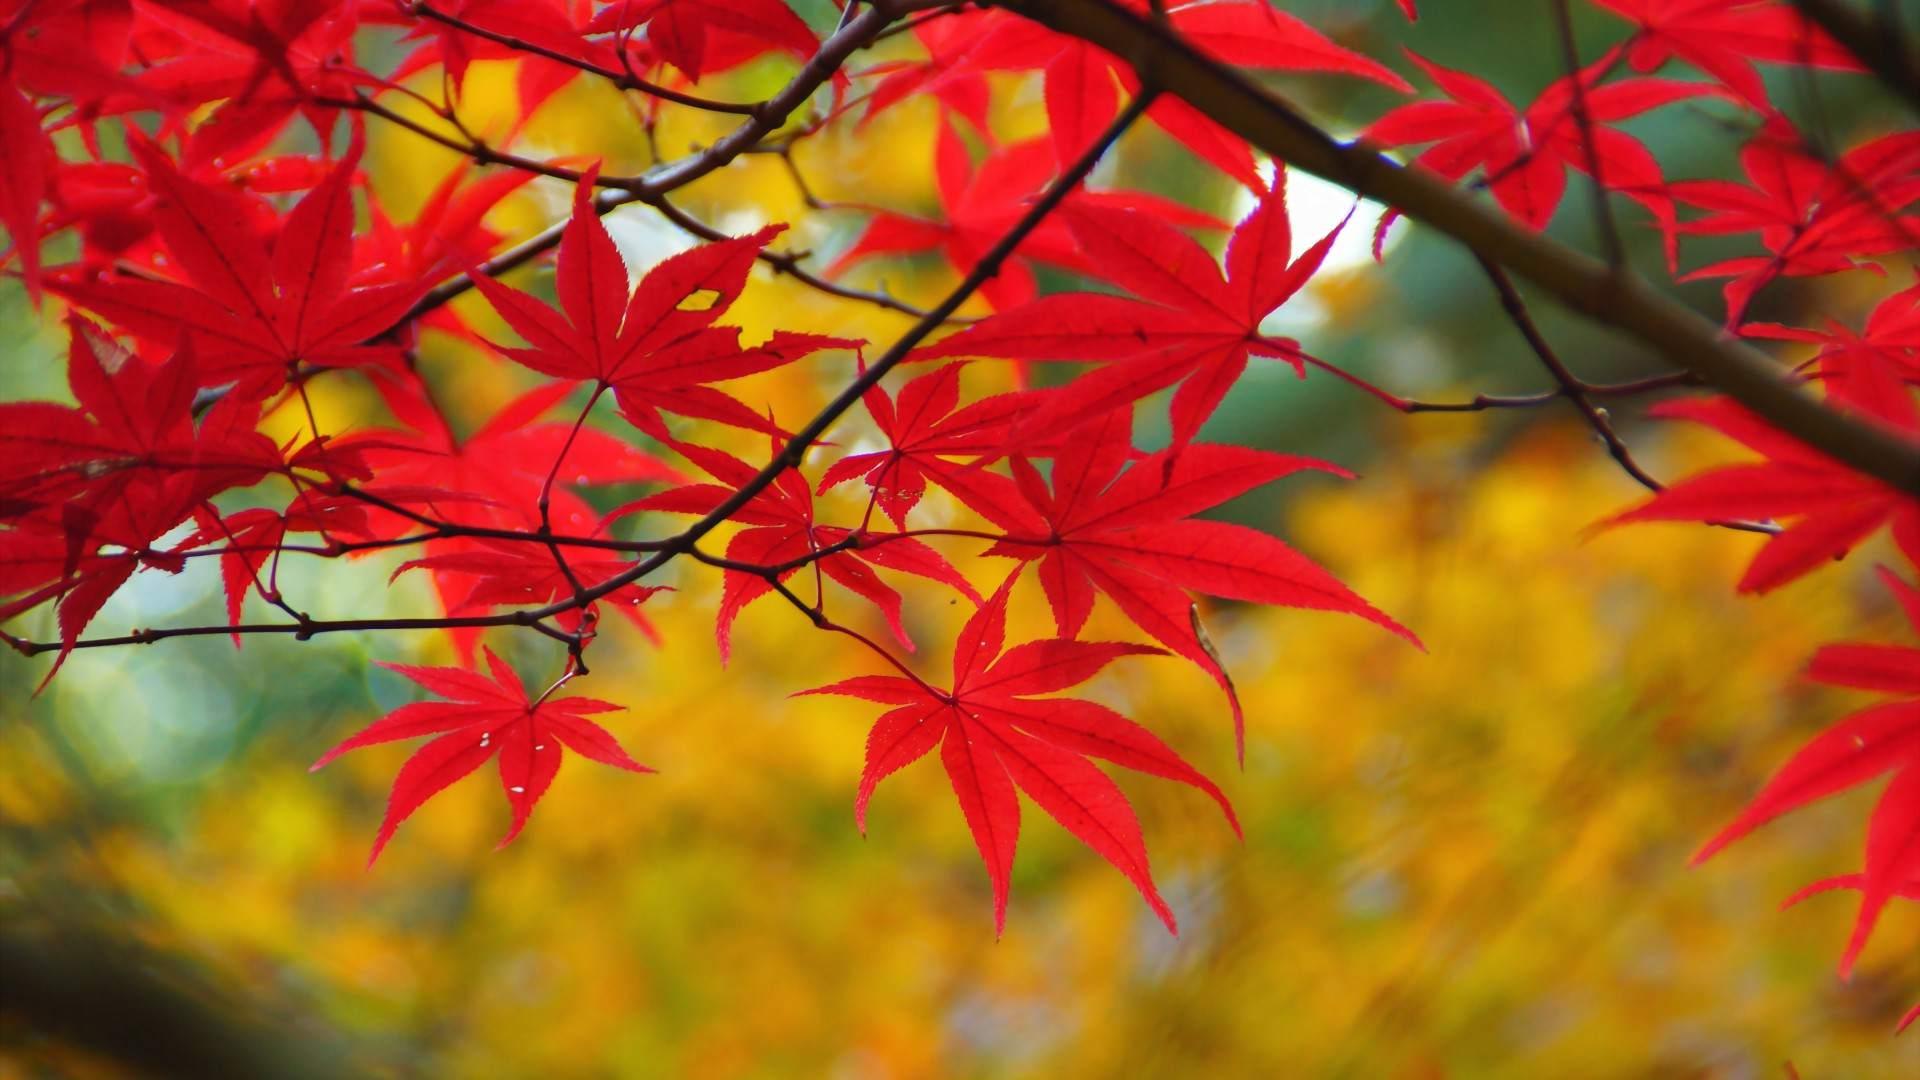 Autumn Landscape by Goodfon